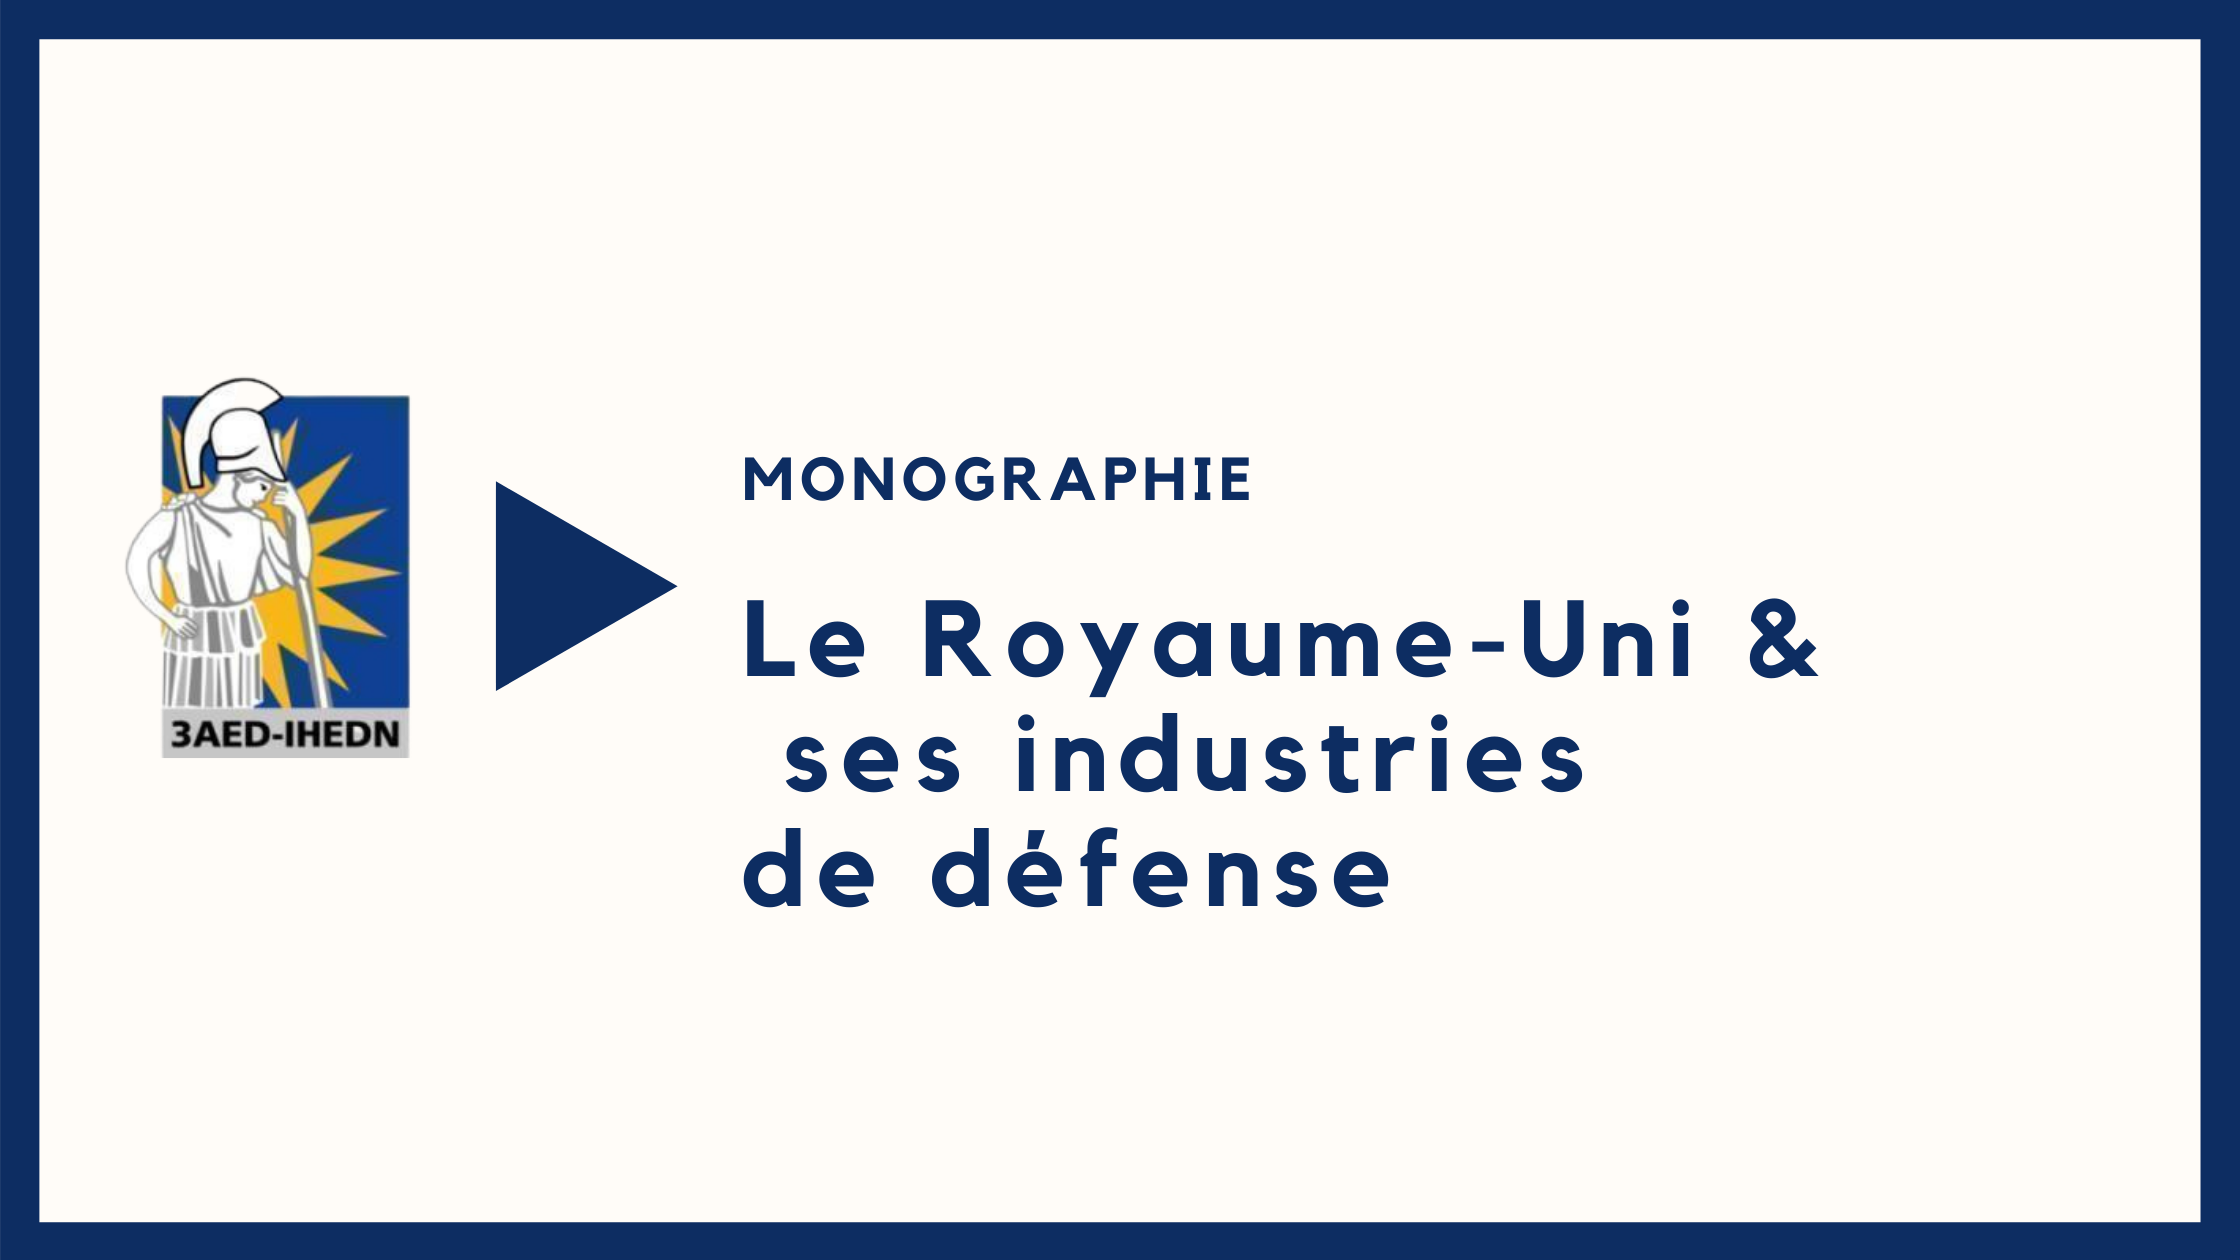 Monographie | Le Royaume-Uni &  ses industries de défense